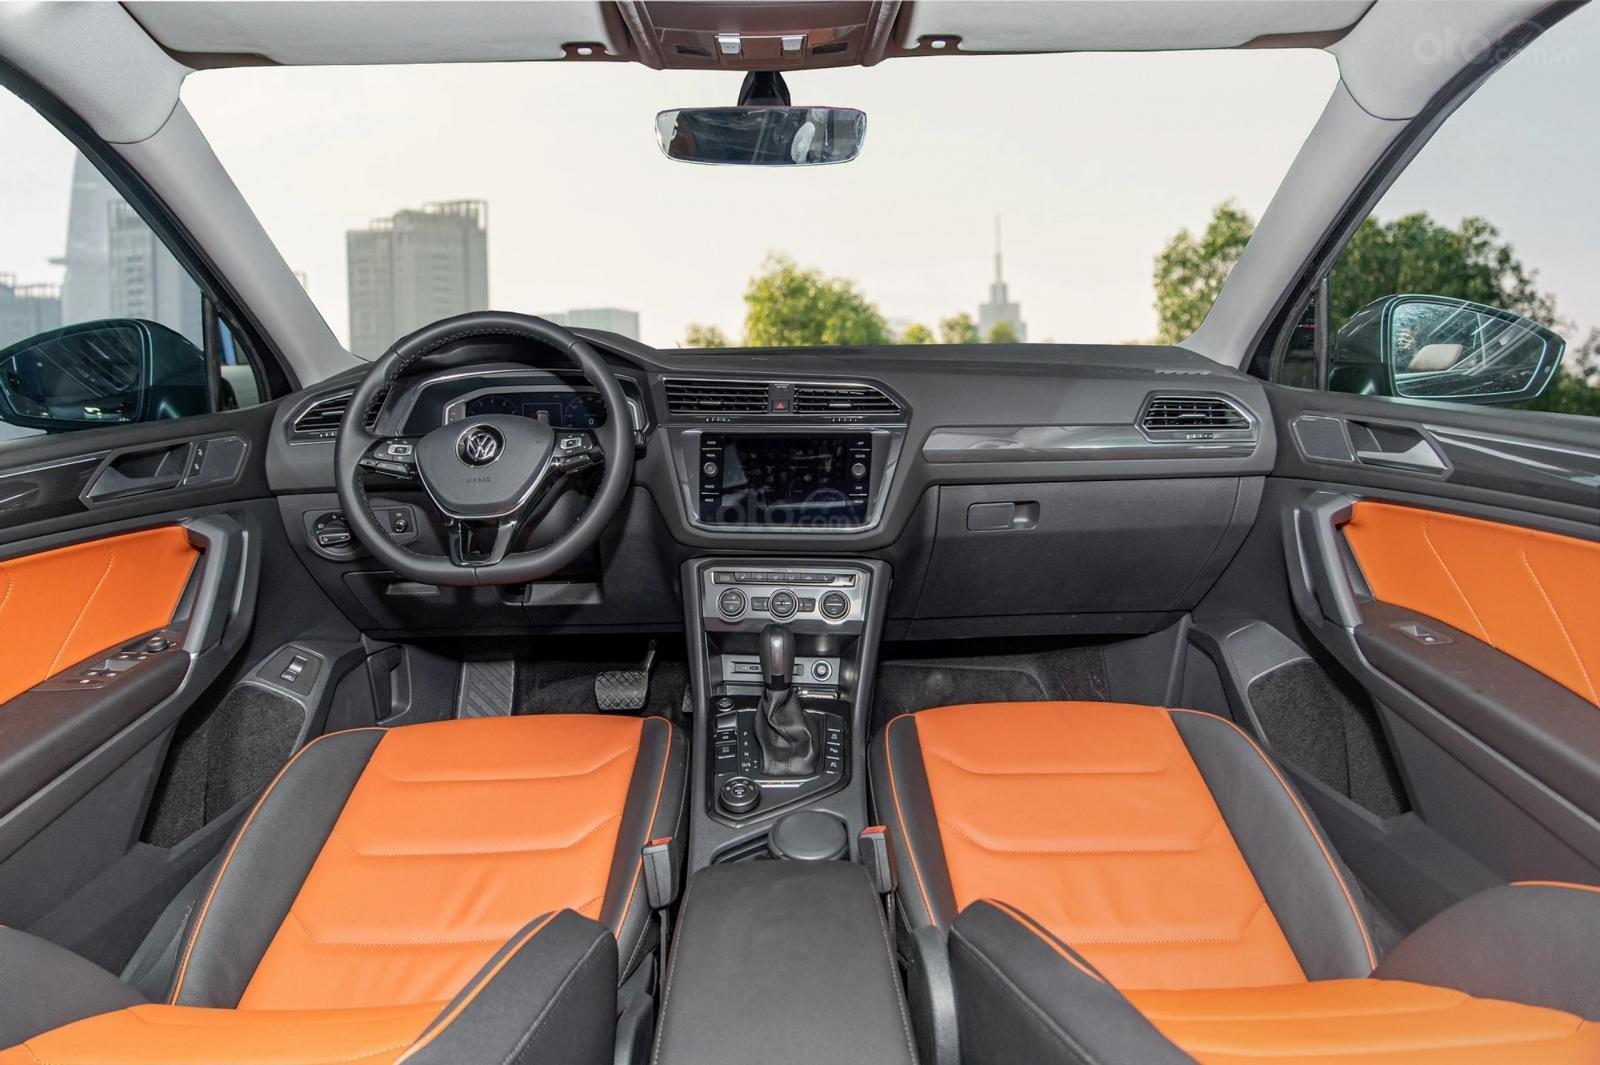 Liên hệ Mr Thuận báo giá đặc biệt để chốt xe tháng 3/2021 Tiguan Luxury S 2021 - SUV 7 chỗ Tiguan phiên bản cao cấp nhất (7)